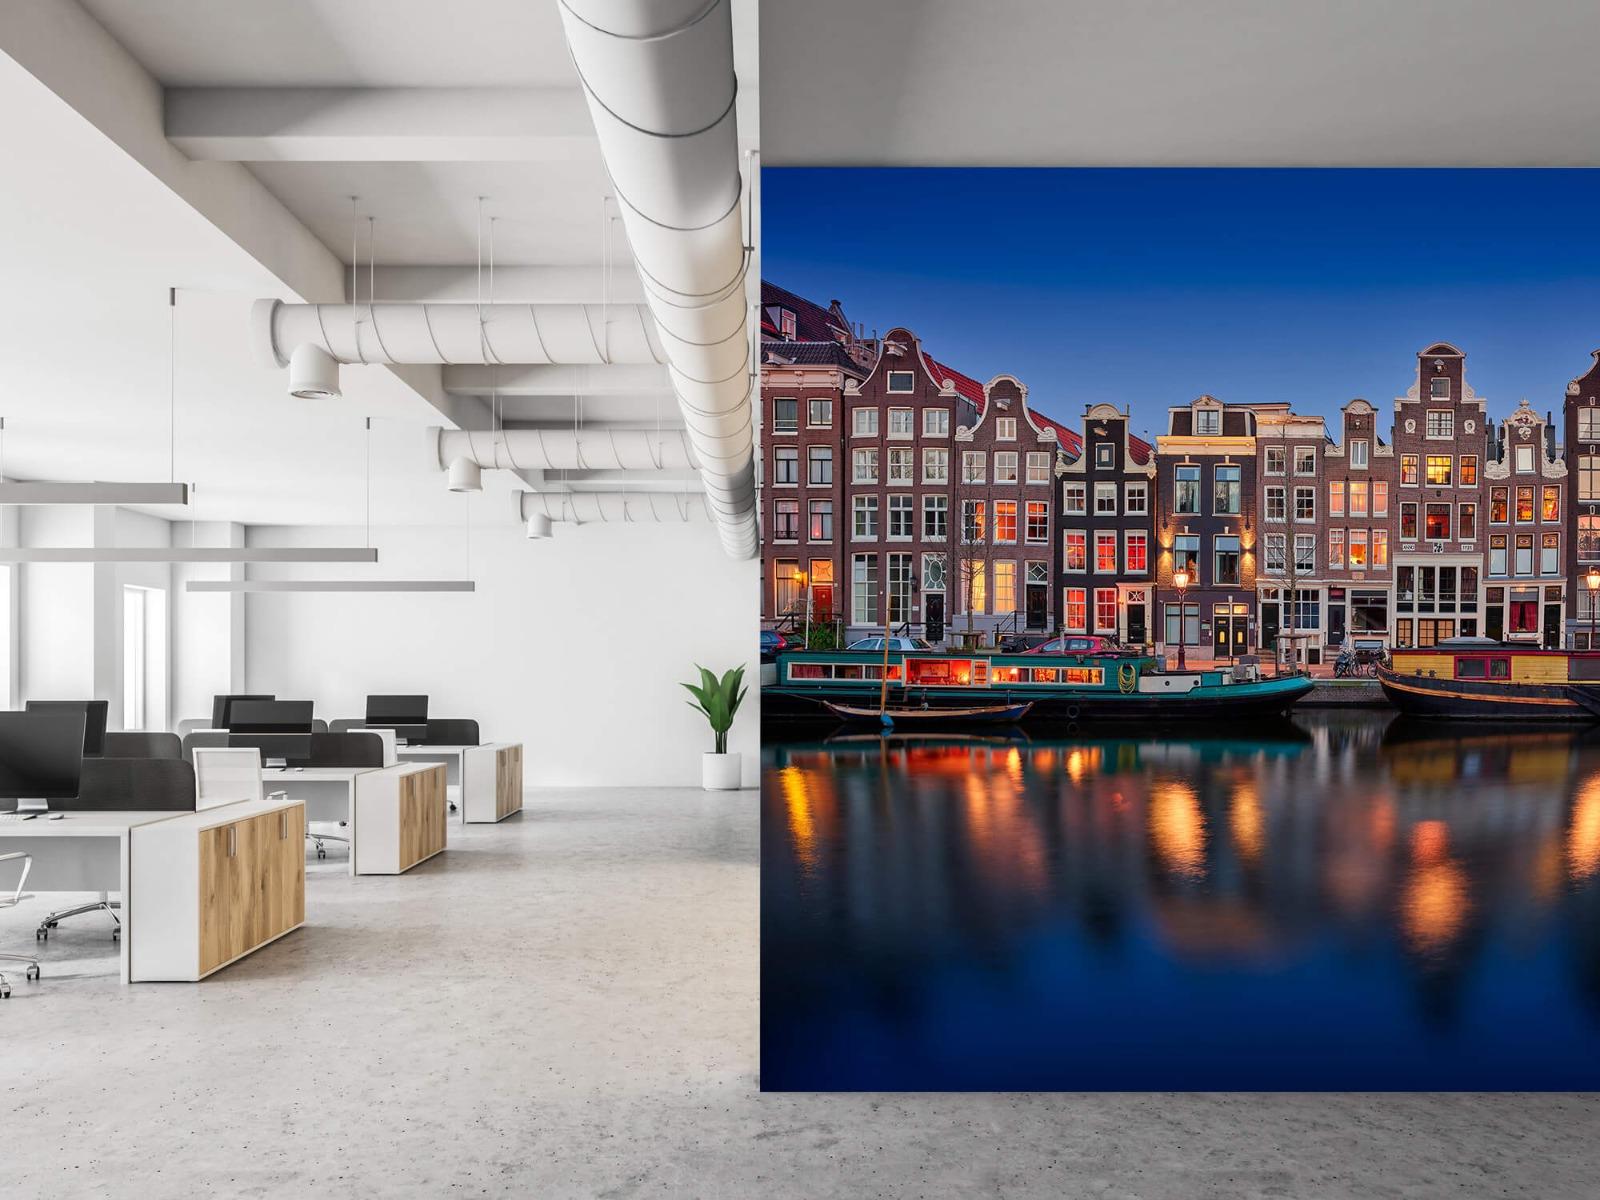 Architectuur - Grachtenpanden Amsterdam - Tienerkamer 21